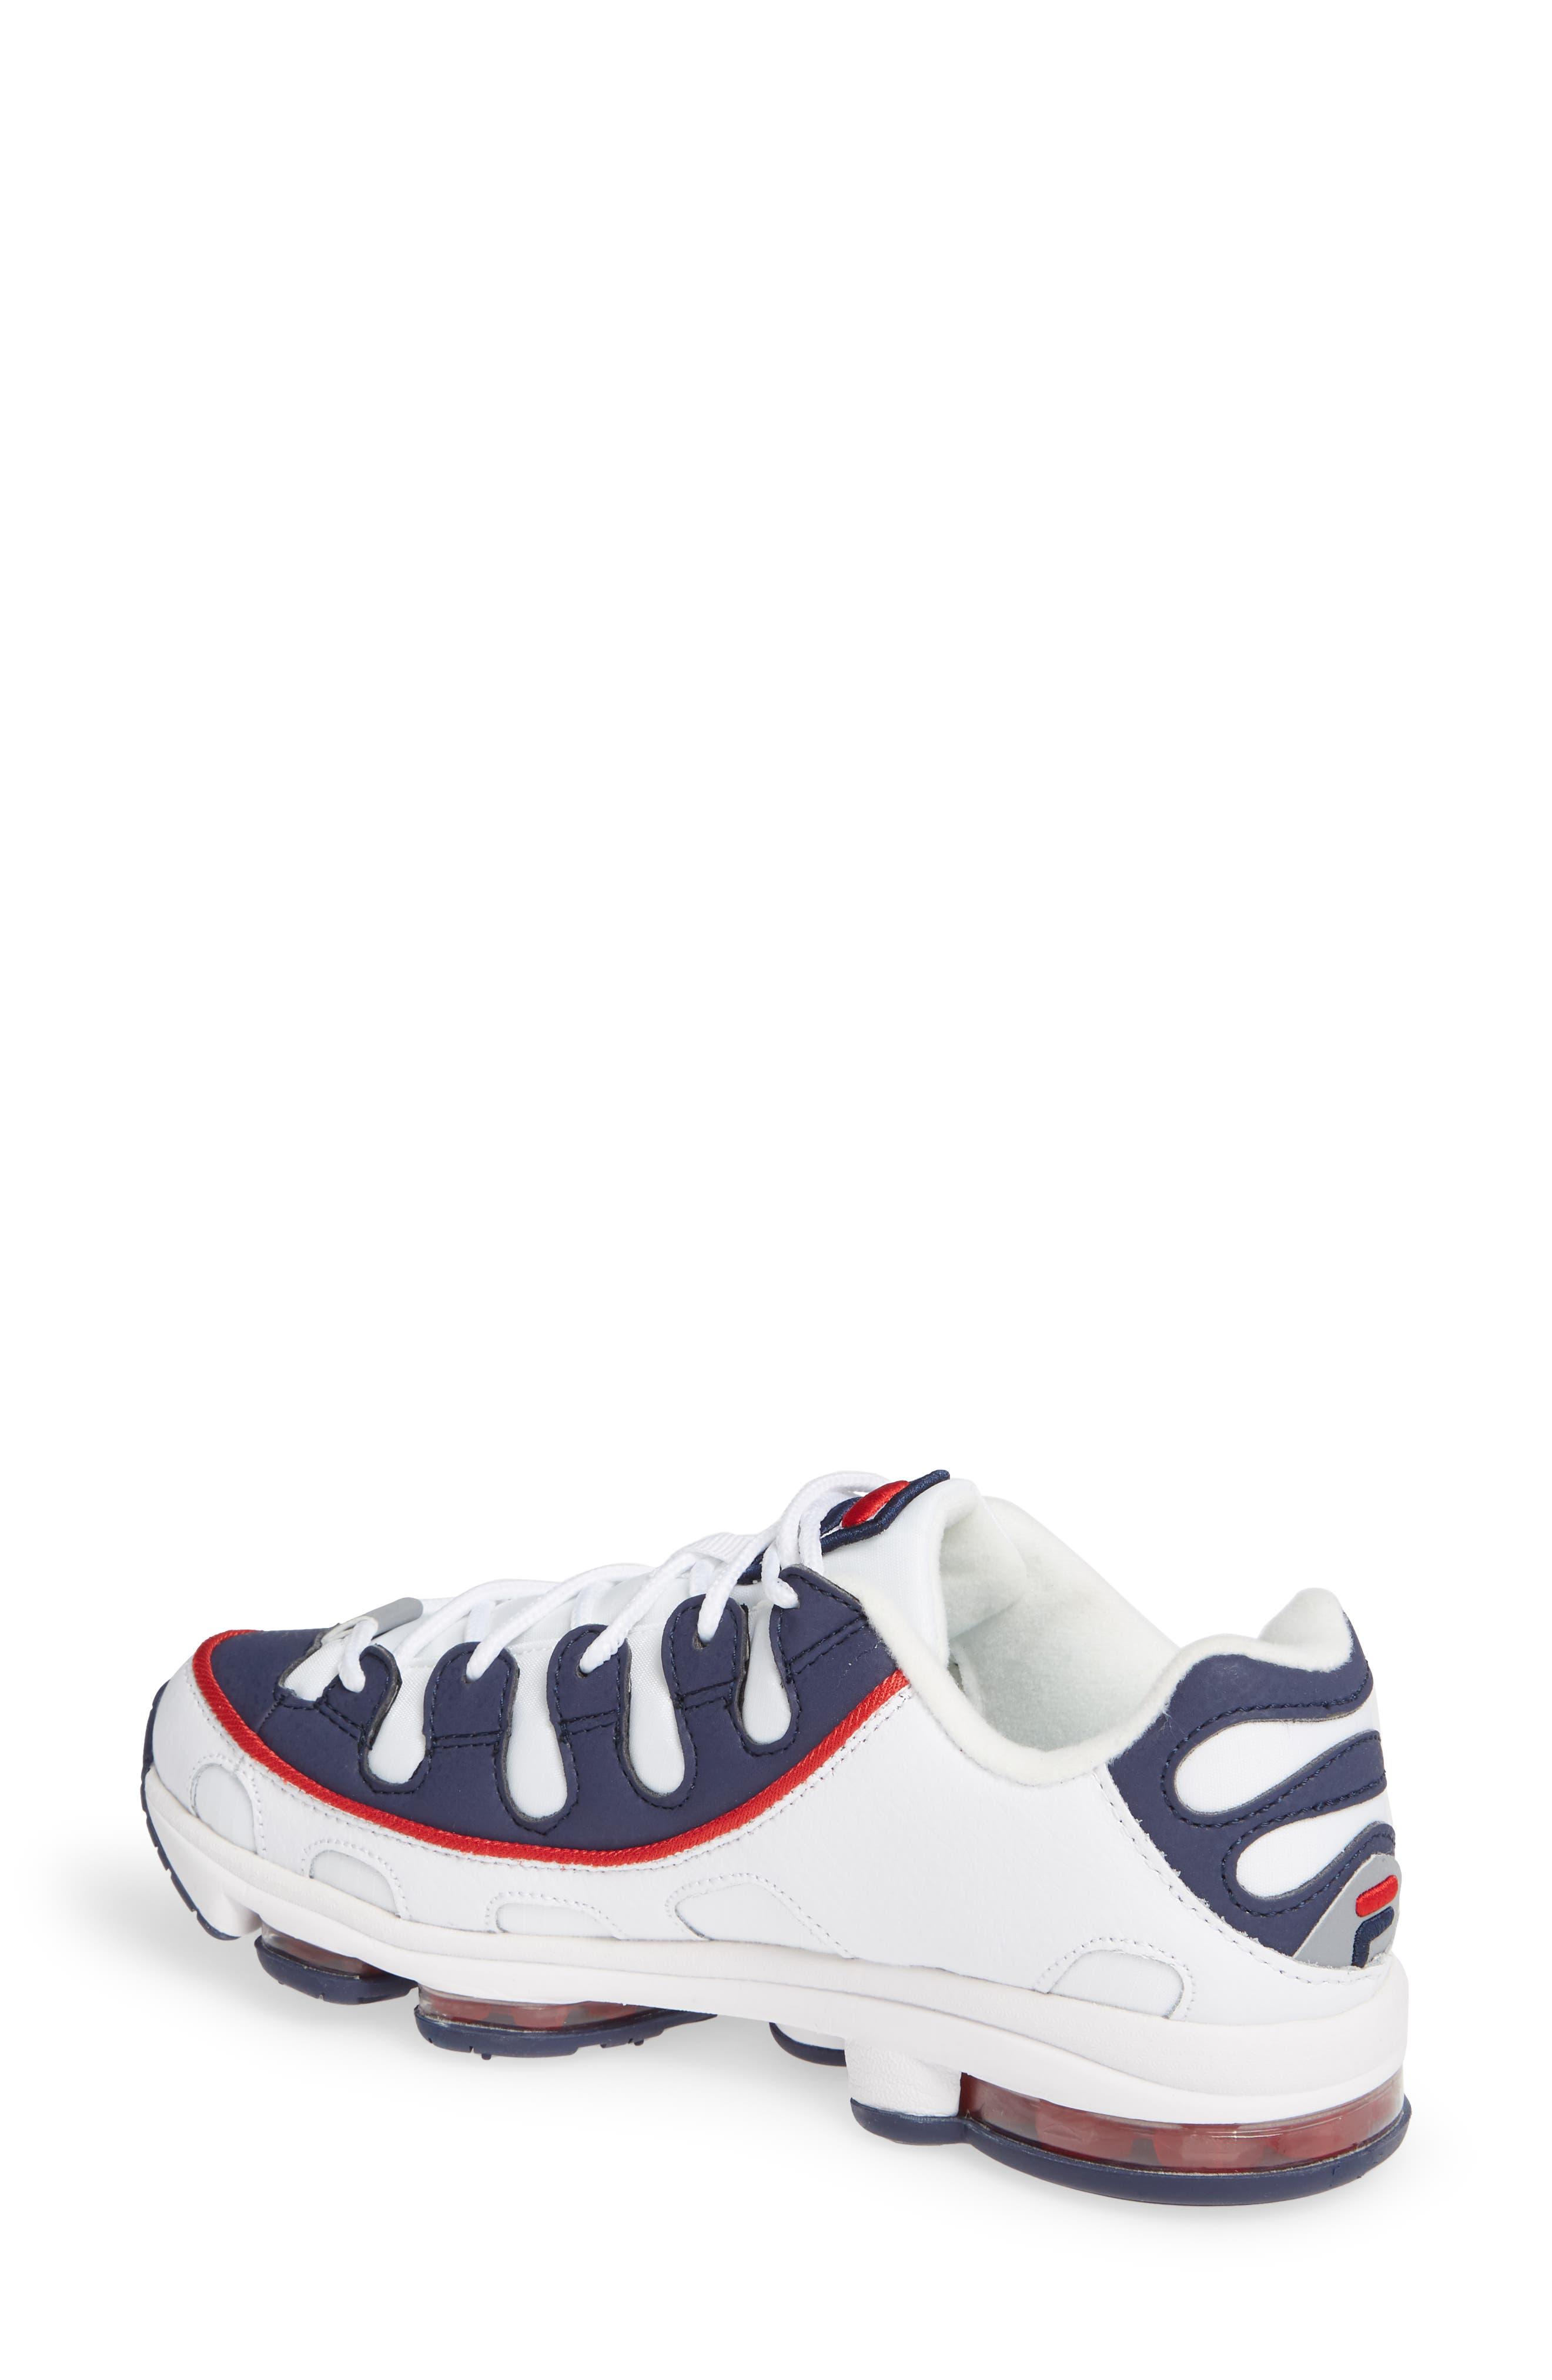 Silva Trainer Sneaker,                             Alternate thumbnail 2, color,                             WHITE/ NAVY/ RED